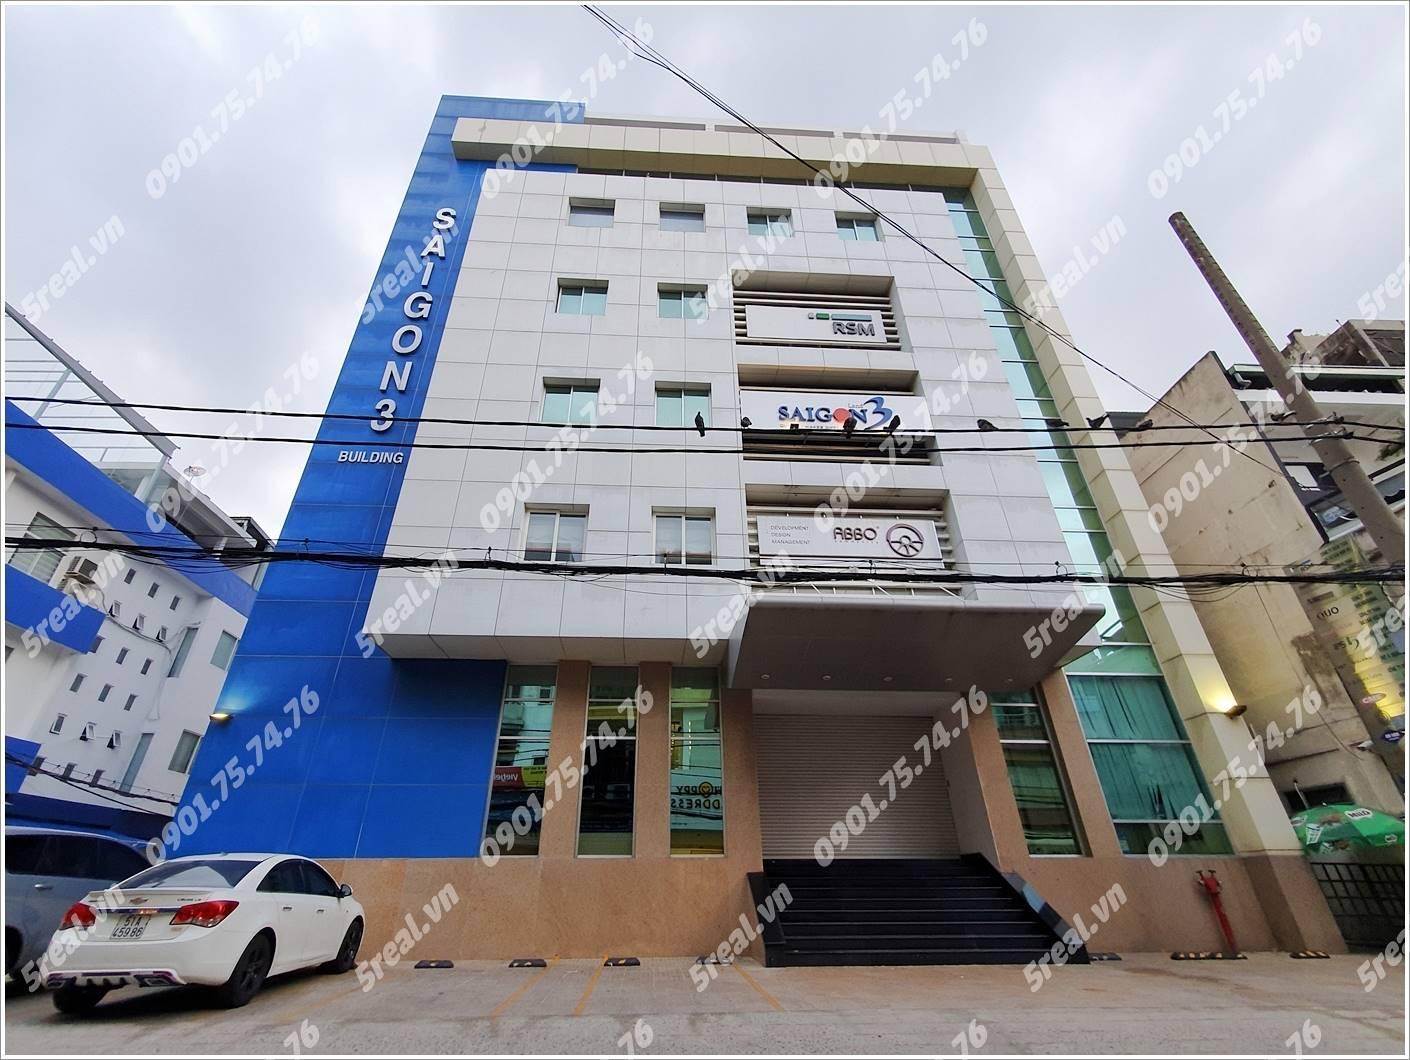 saigon-3-building-nguyen-van-thu-quan-1-van-phong-cho-thue-5real.vn-01